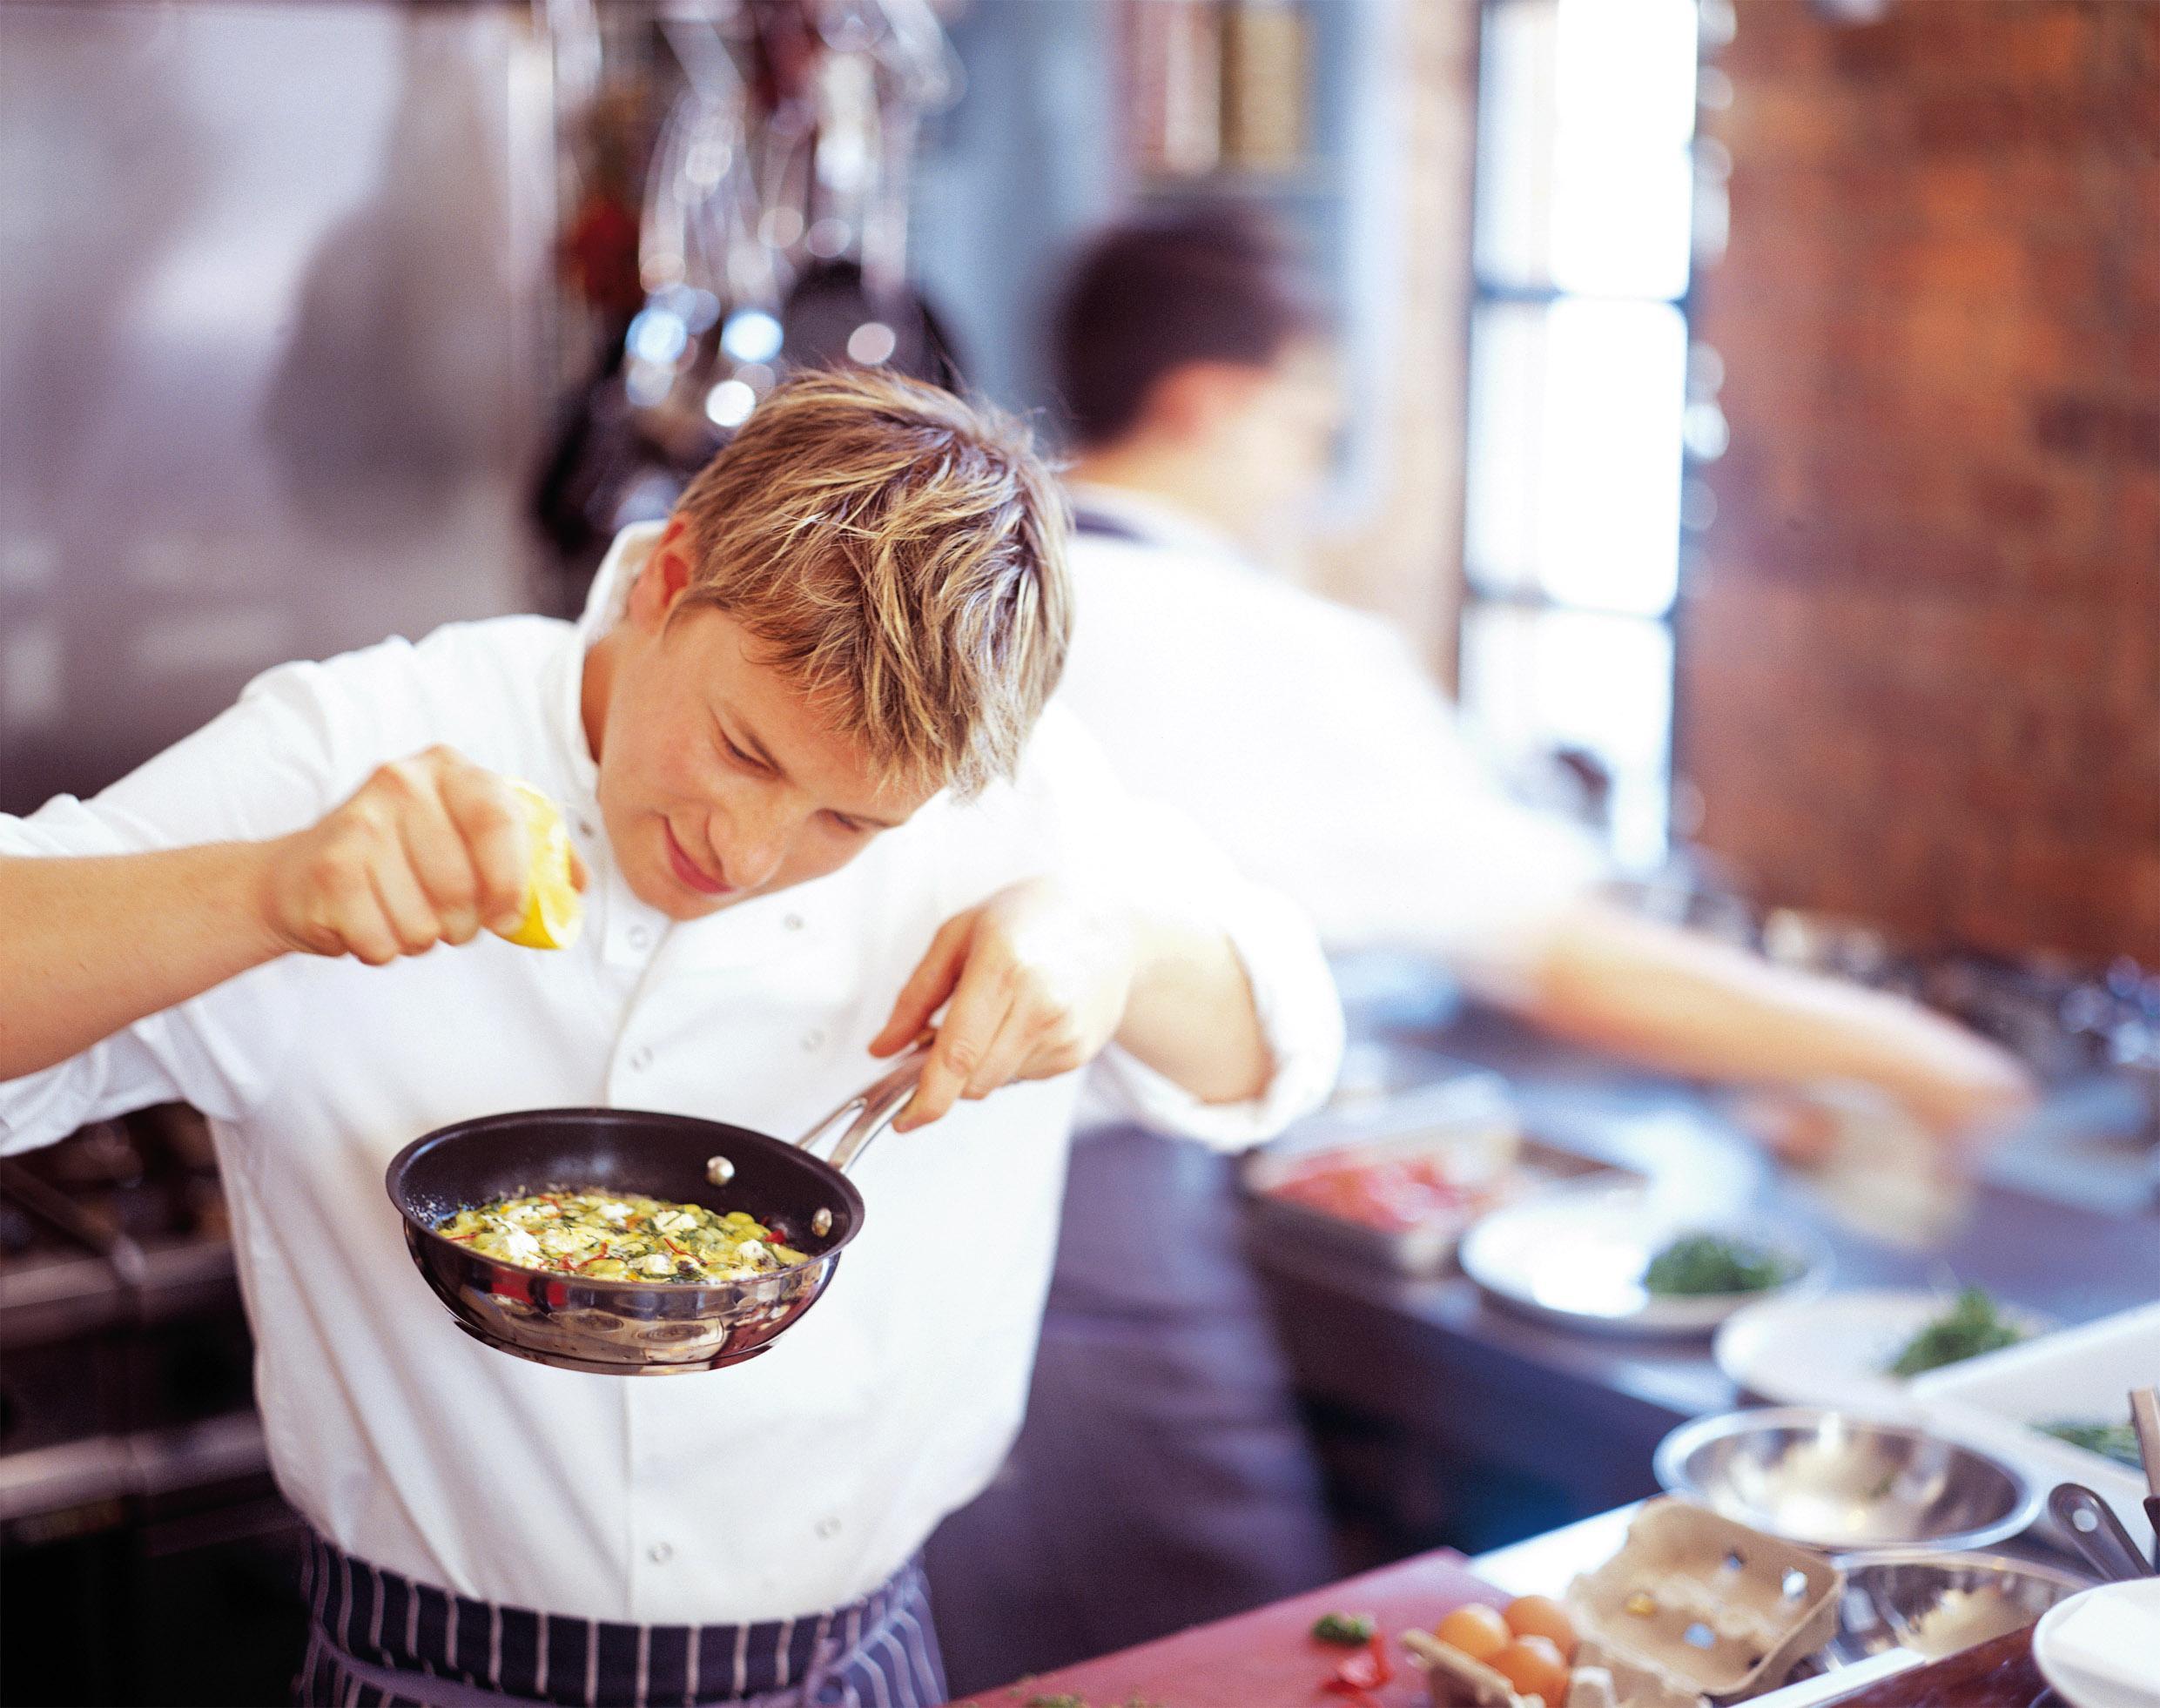 Gastronomia O dia a dia de um chef de cozinha  7 em 1